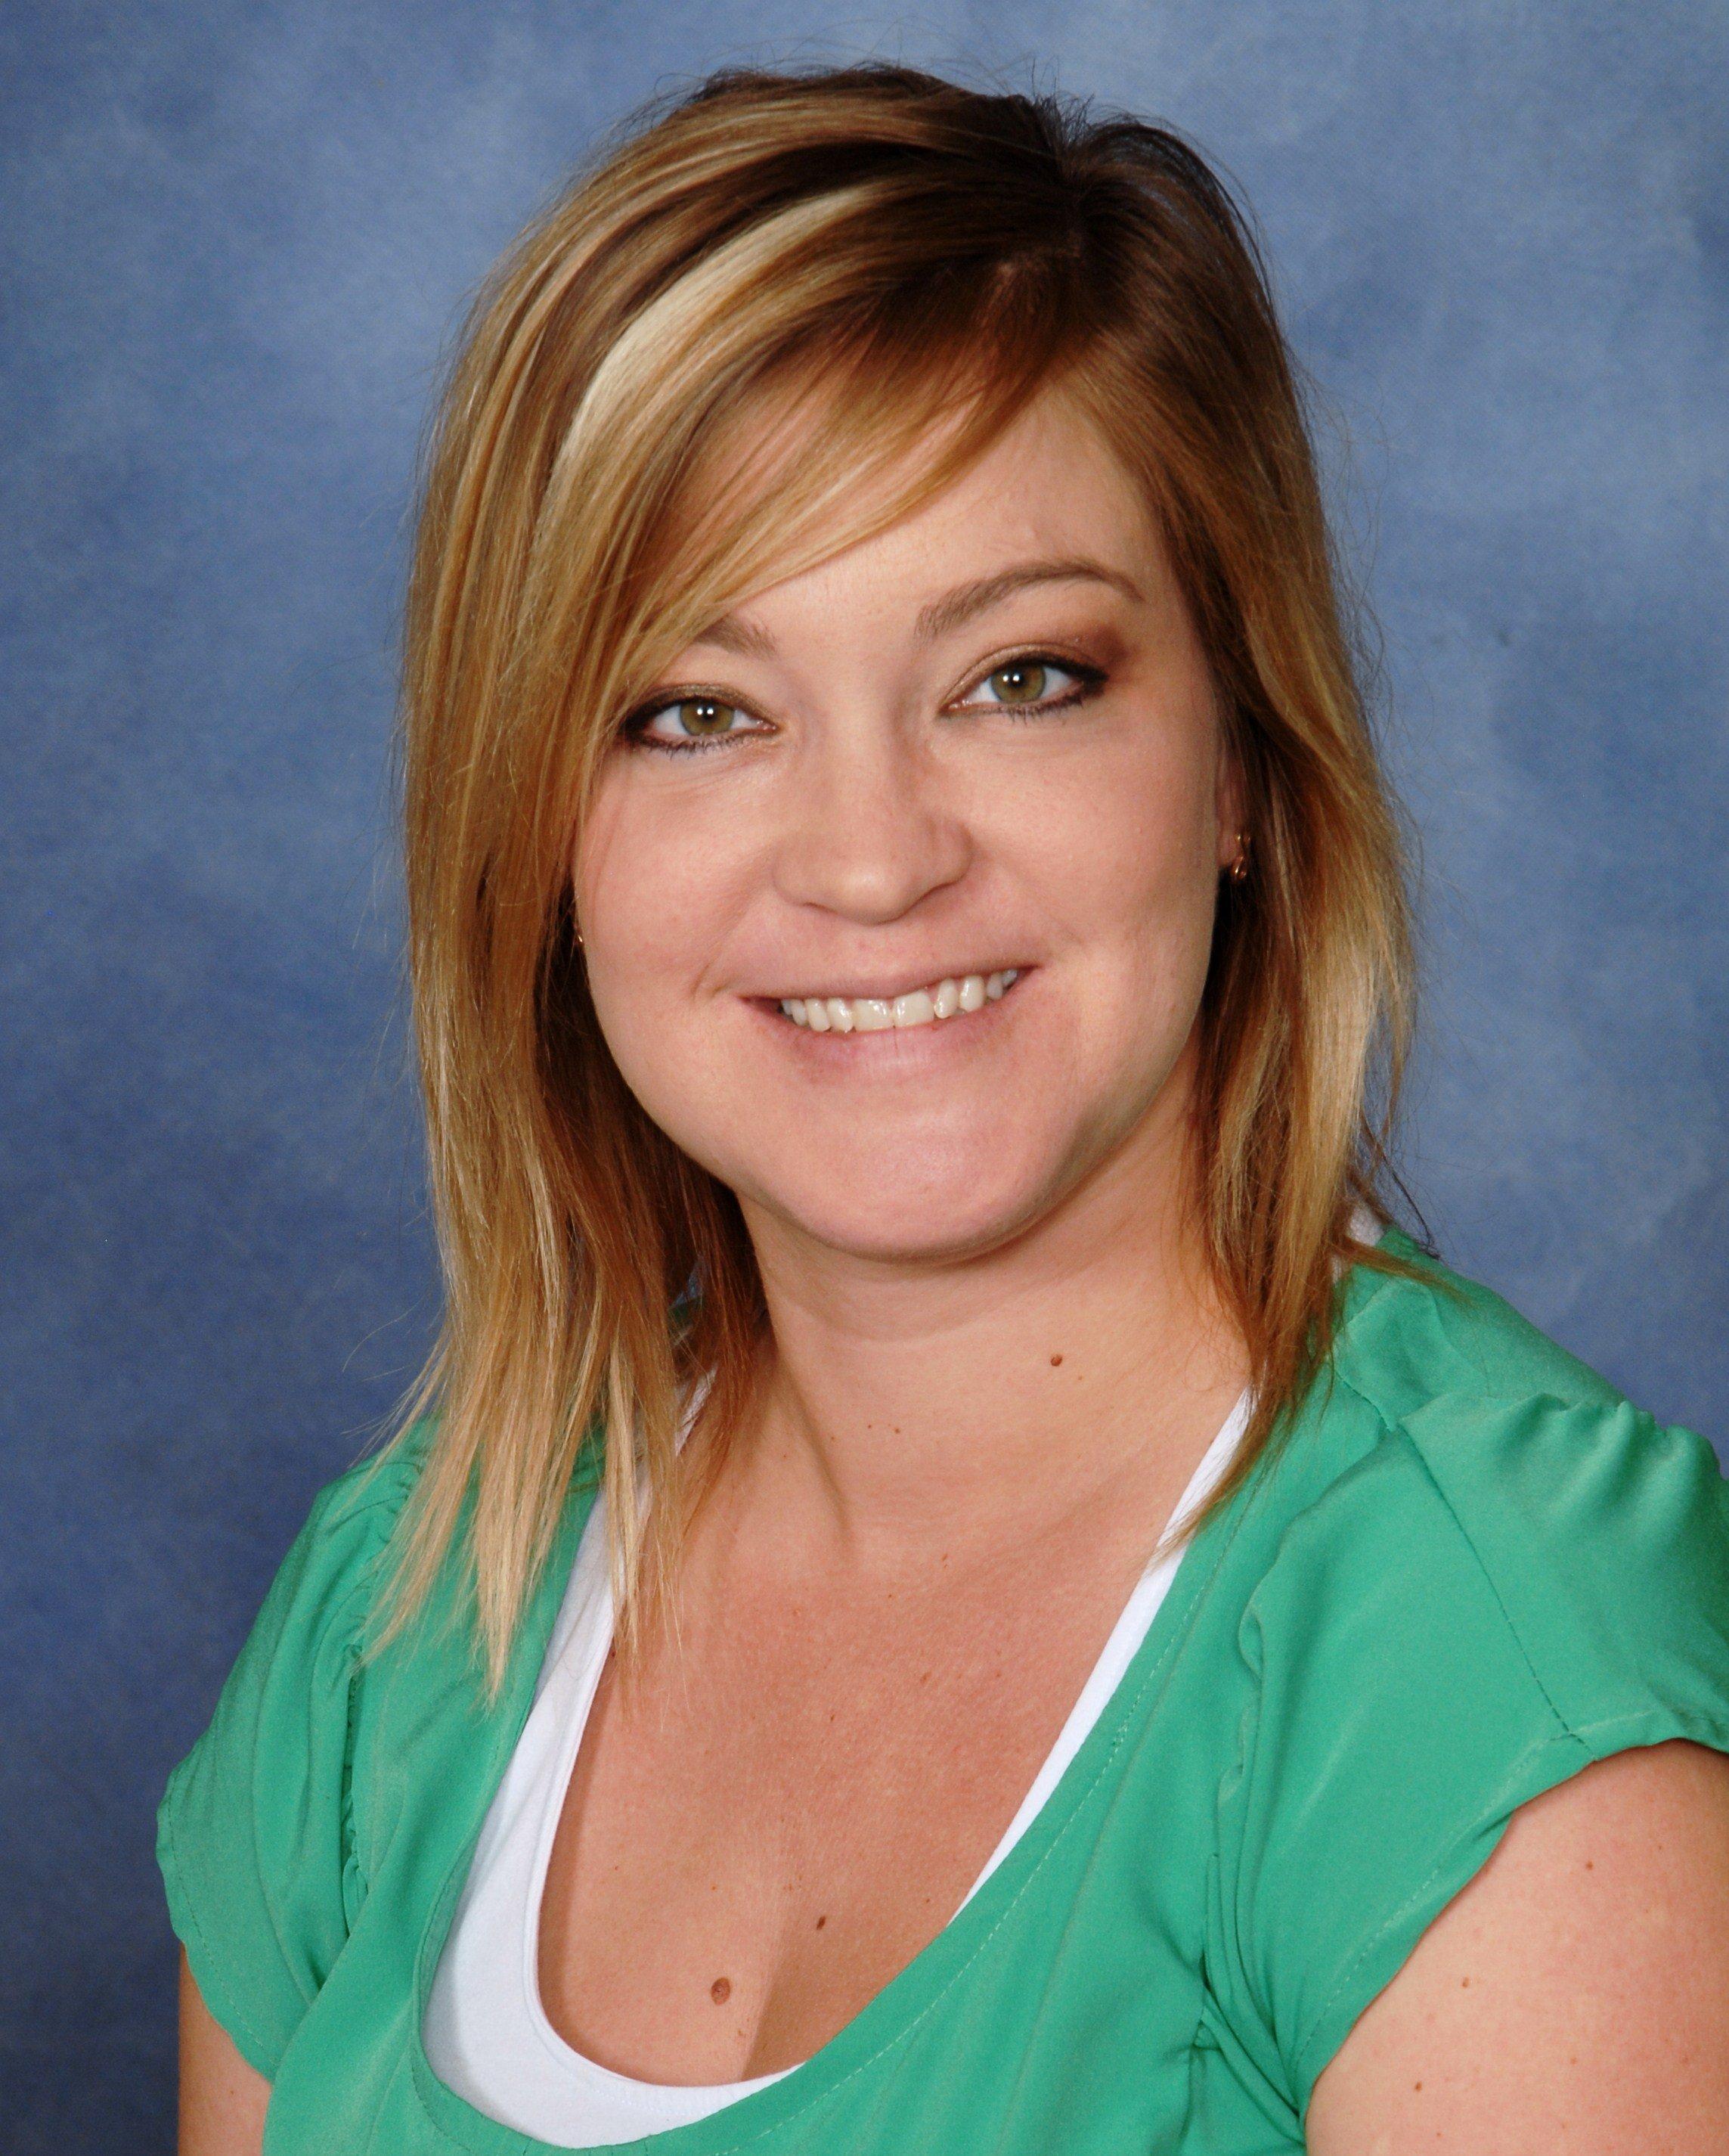 Bethany Shain